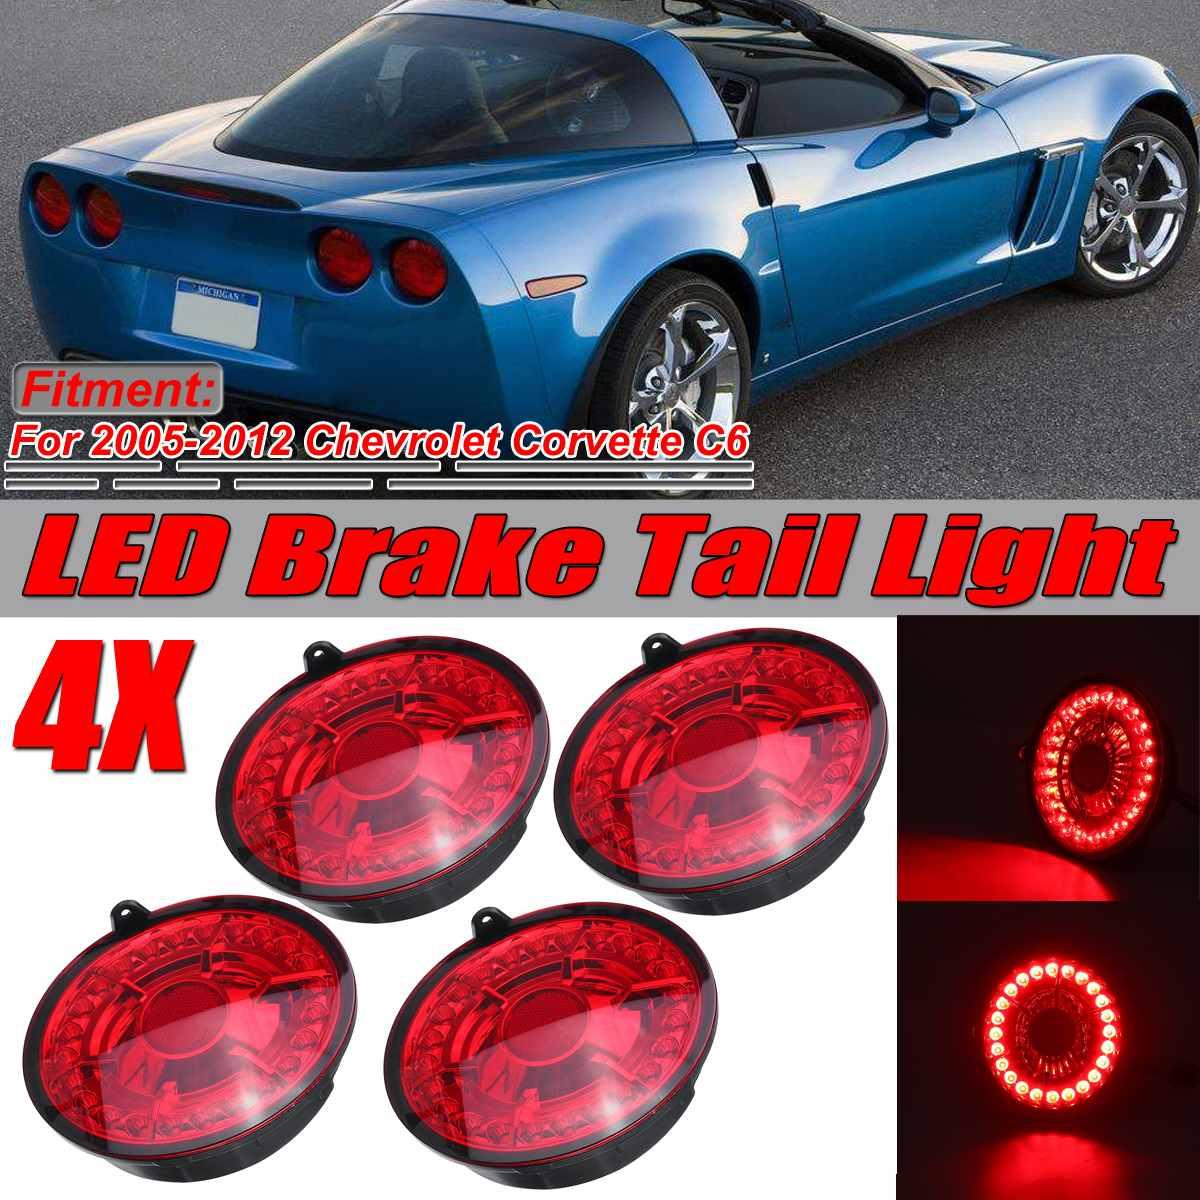 Новый светодиодный автомобильный стоп-светильник C6 s, стоп-светильник светодиодный стоп-сигнал, задний фонарь, лампы для Chevrolet Corvette C6 для куп...